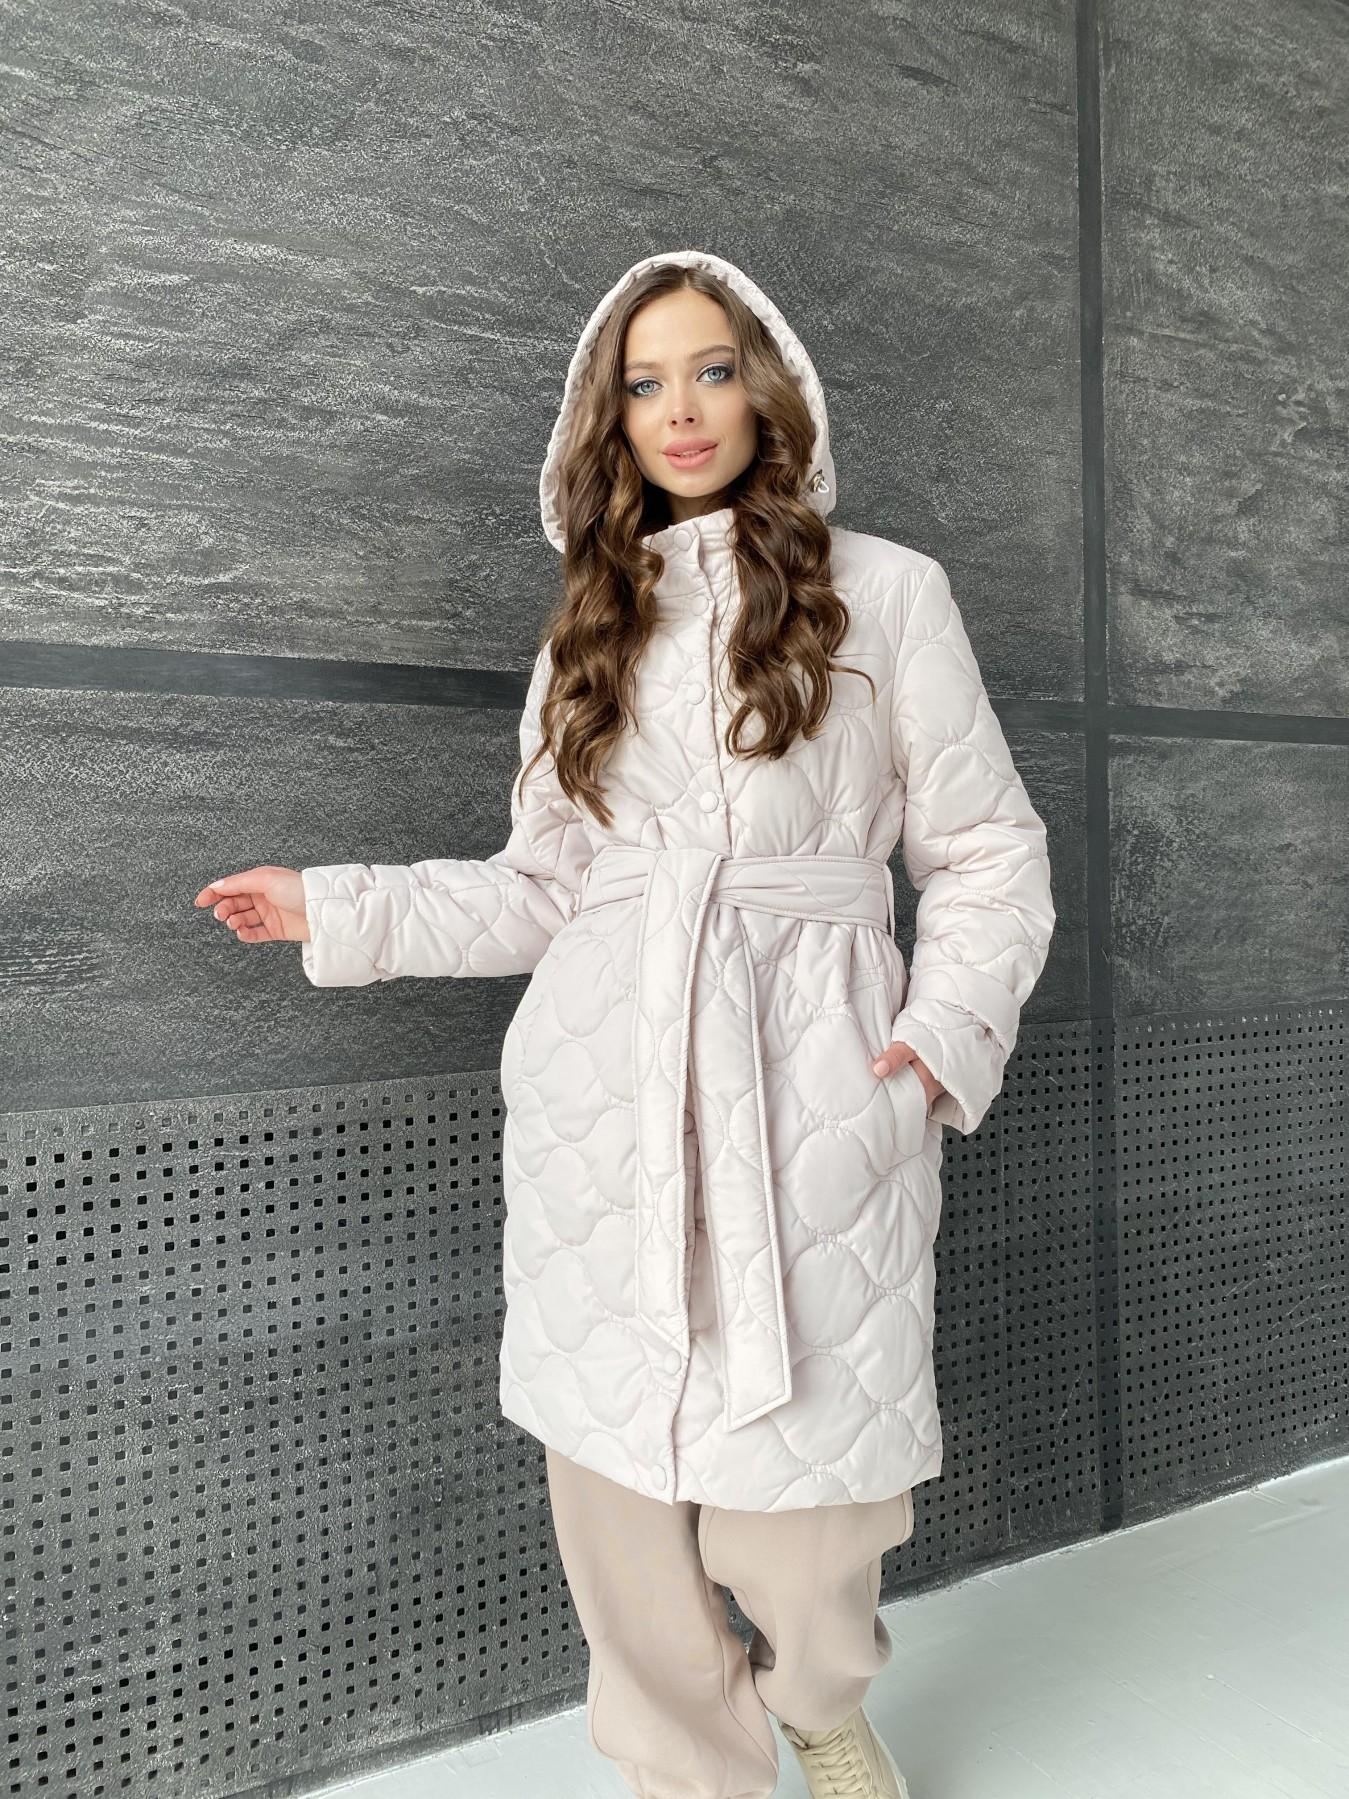 Виза ЗИГЗАГ стеганая куртка из плащевой ткани 11016 АРТ. 47517 Цвет: Бежевый 970 - фото 6, интернет магазин tm-modus.ru